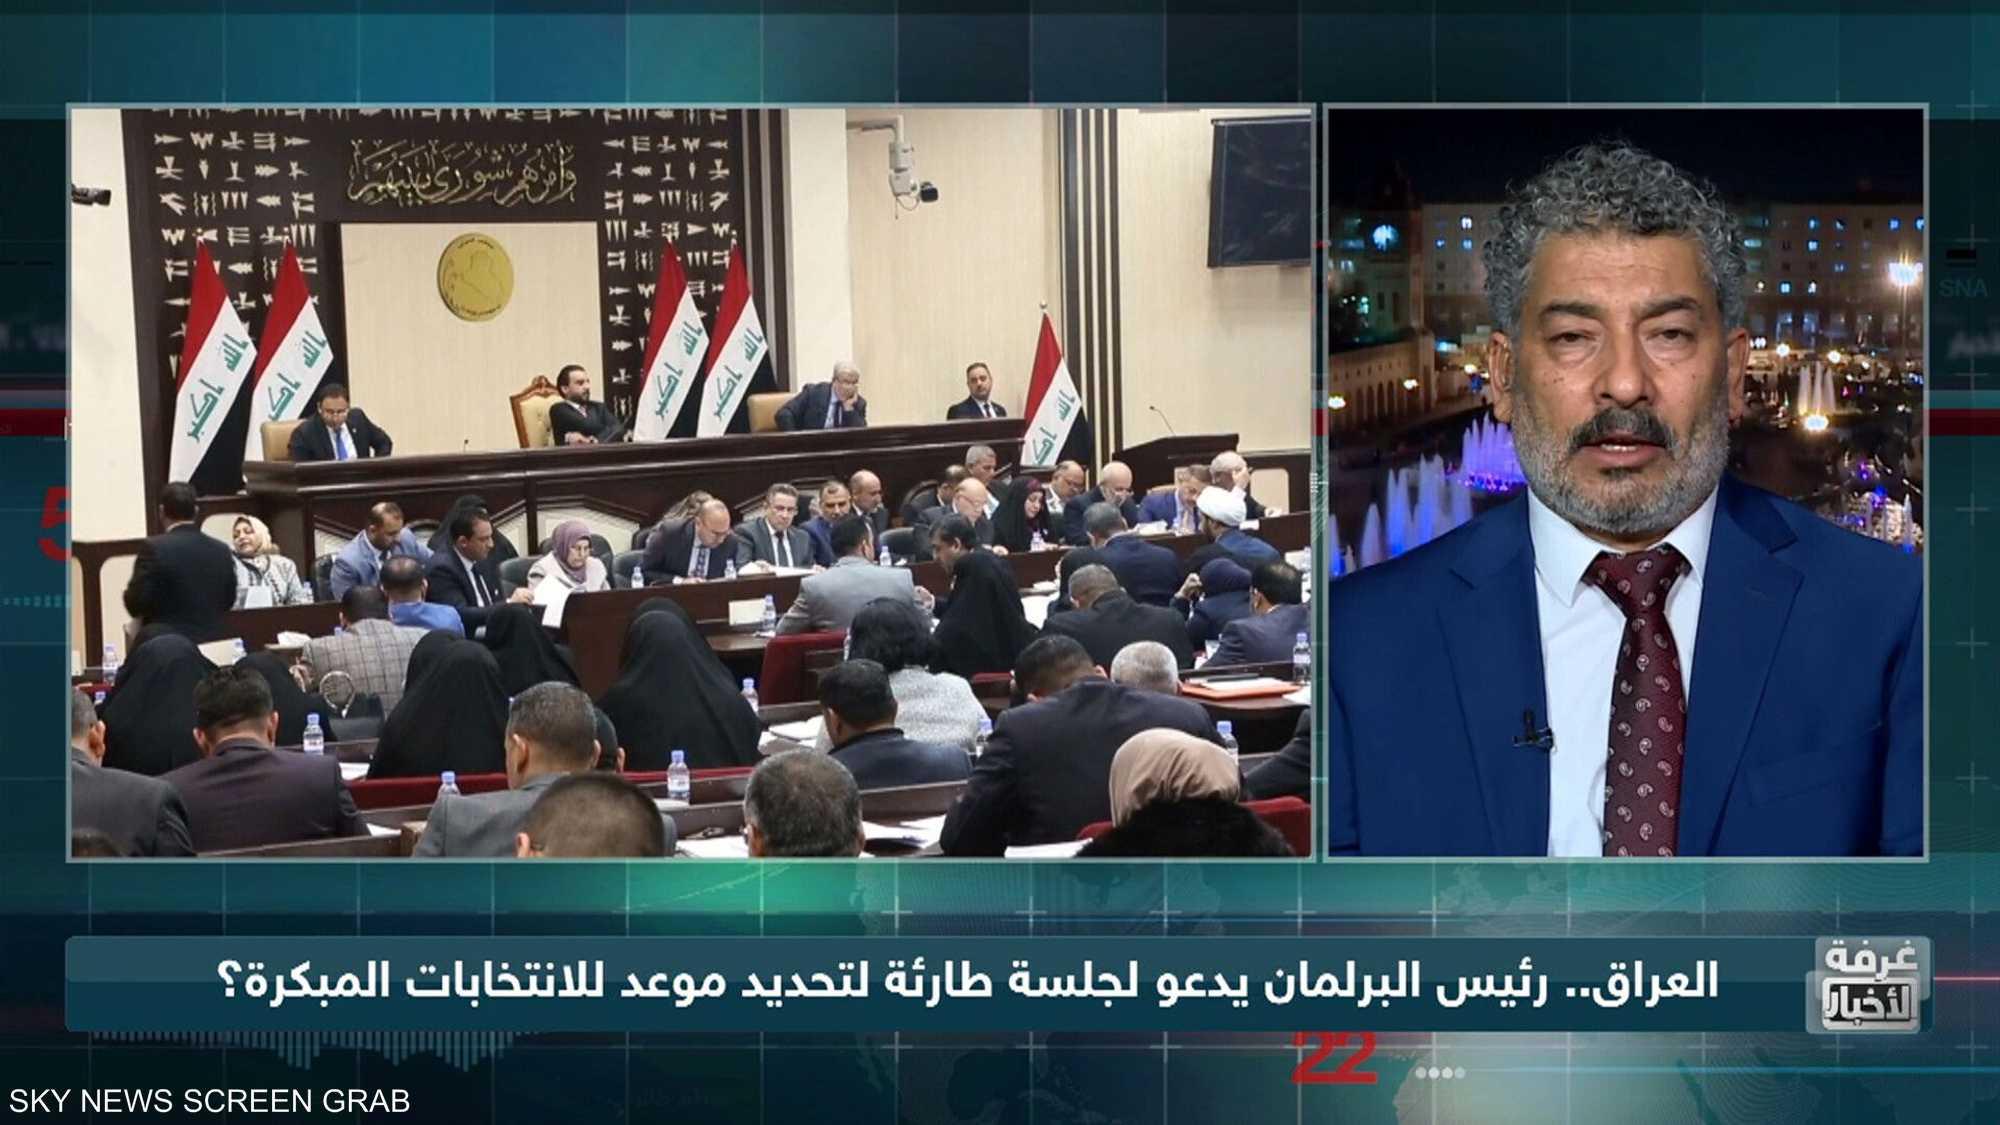 العراق.. انتخابات مبكرة أم حلول متأخرة؟